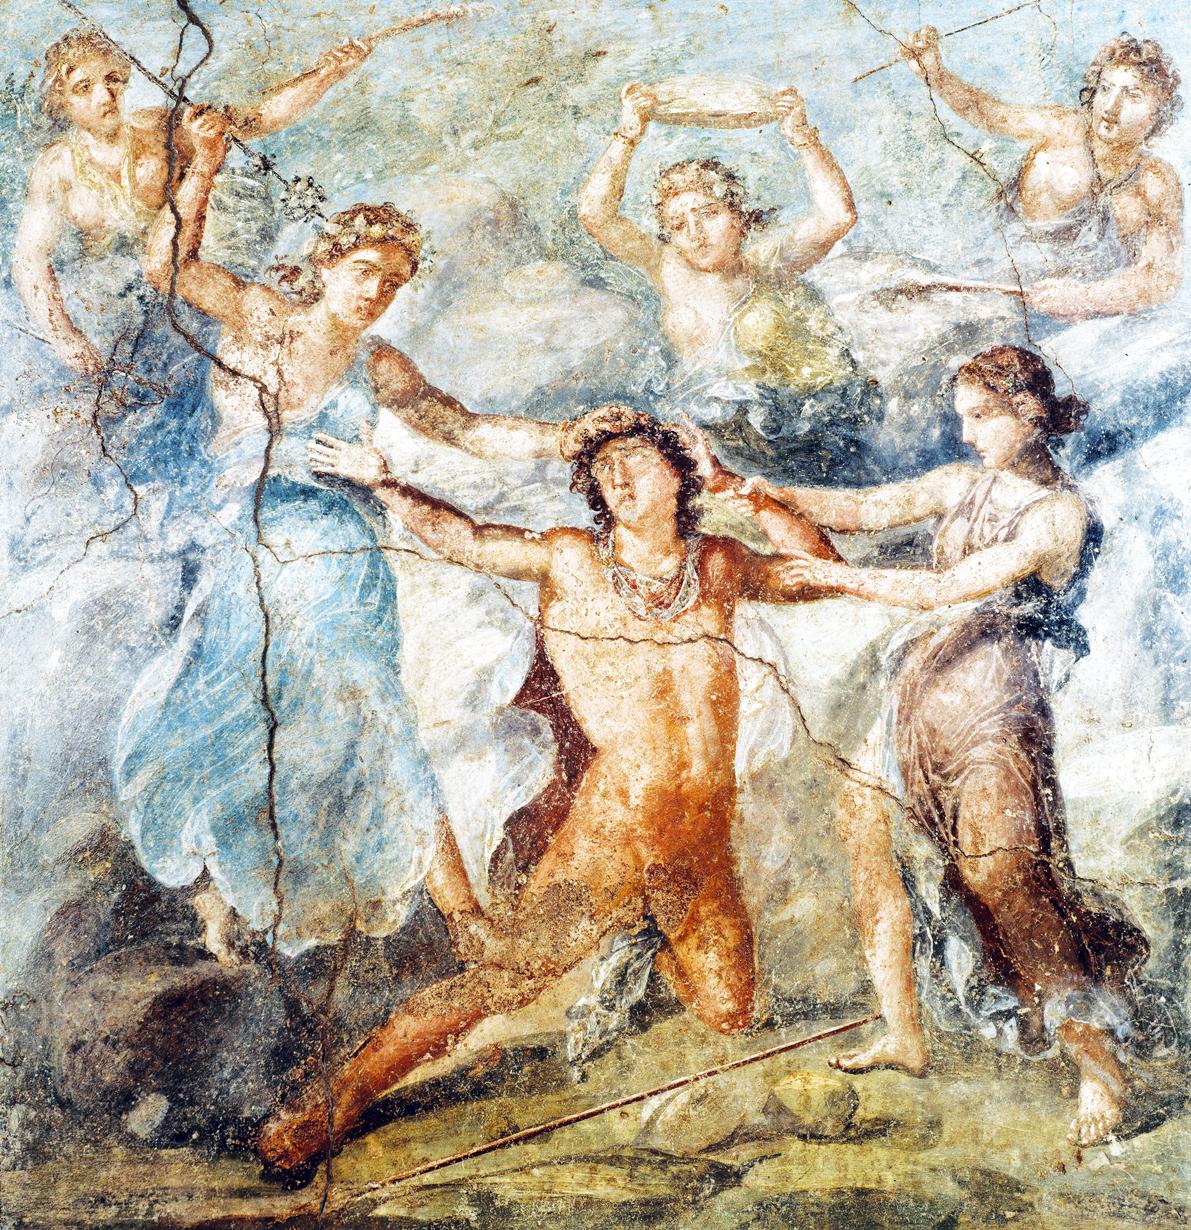 . The Death of Pentheus, fresco in Casa dei Vettii, Pompeii, Italy, c. 79.